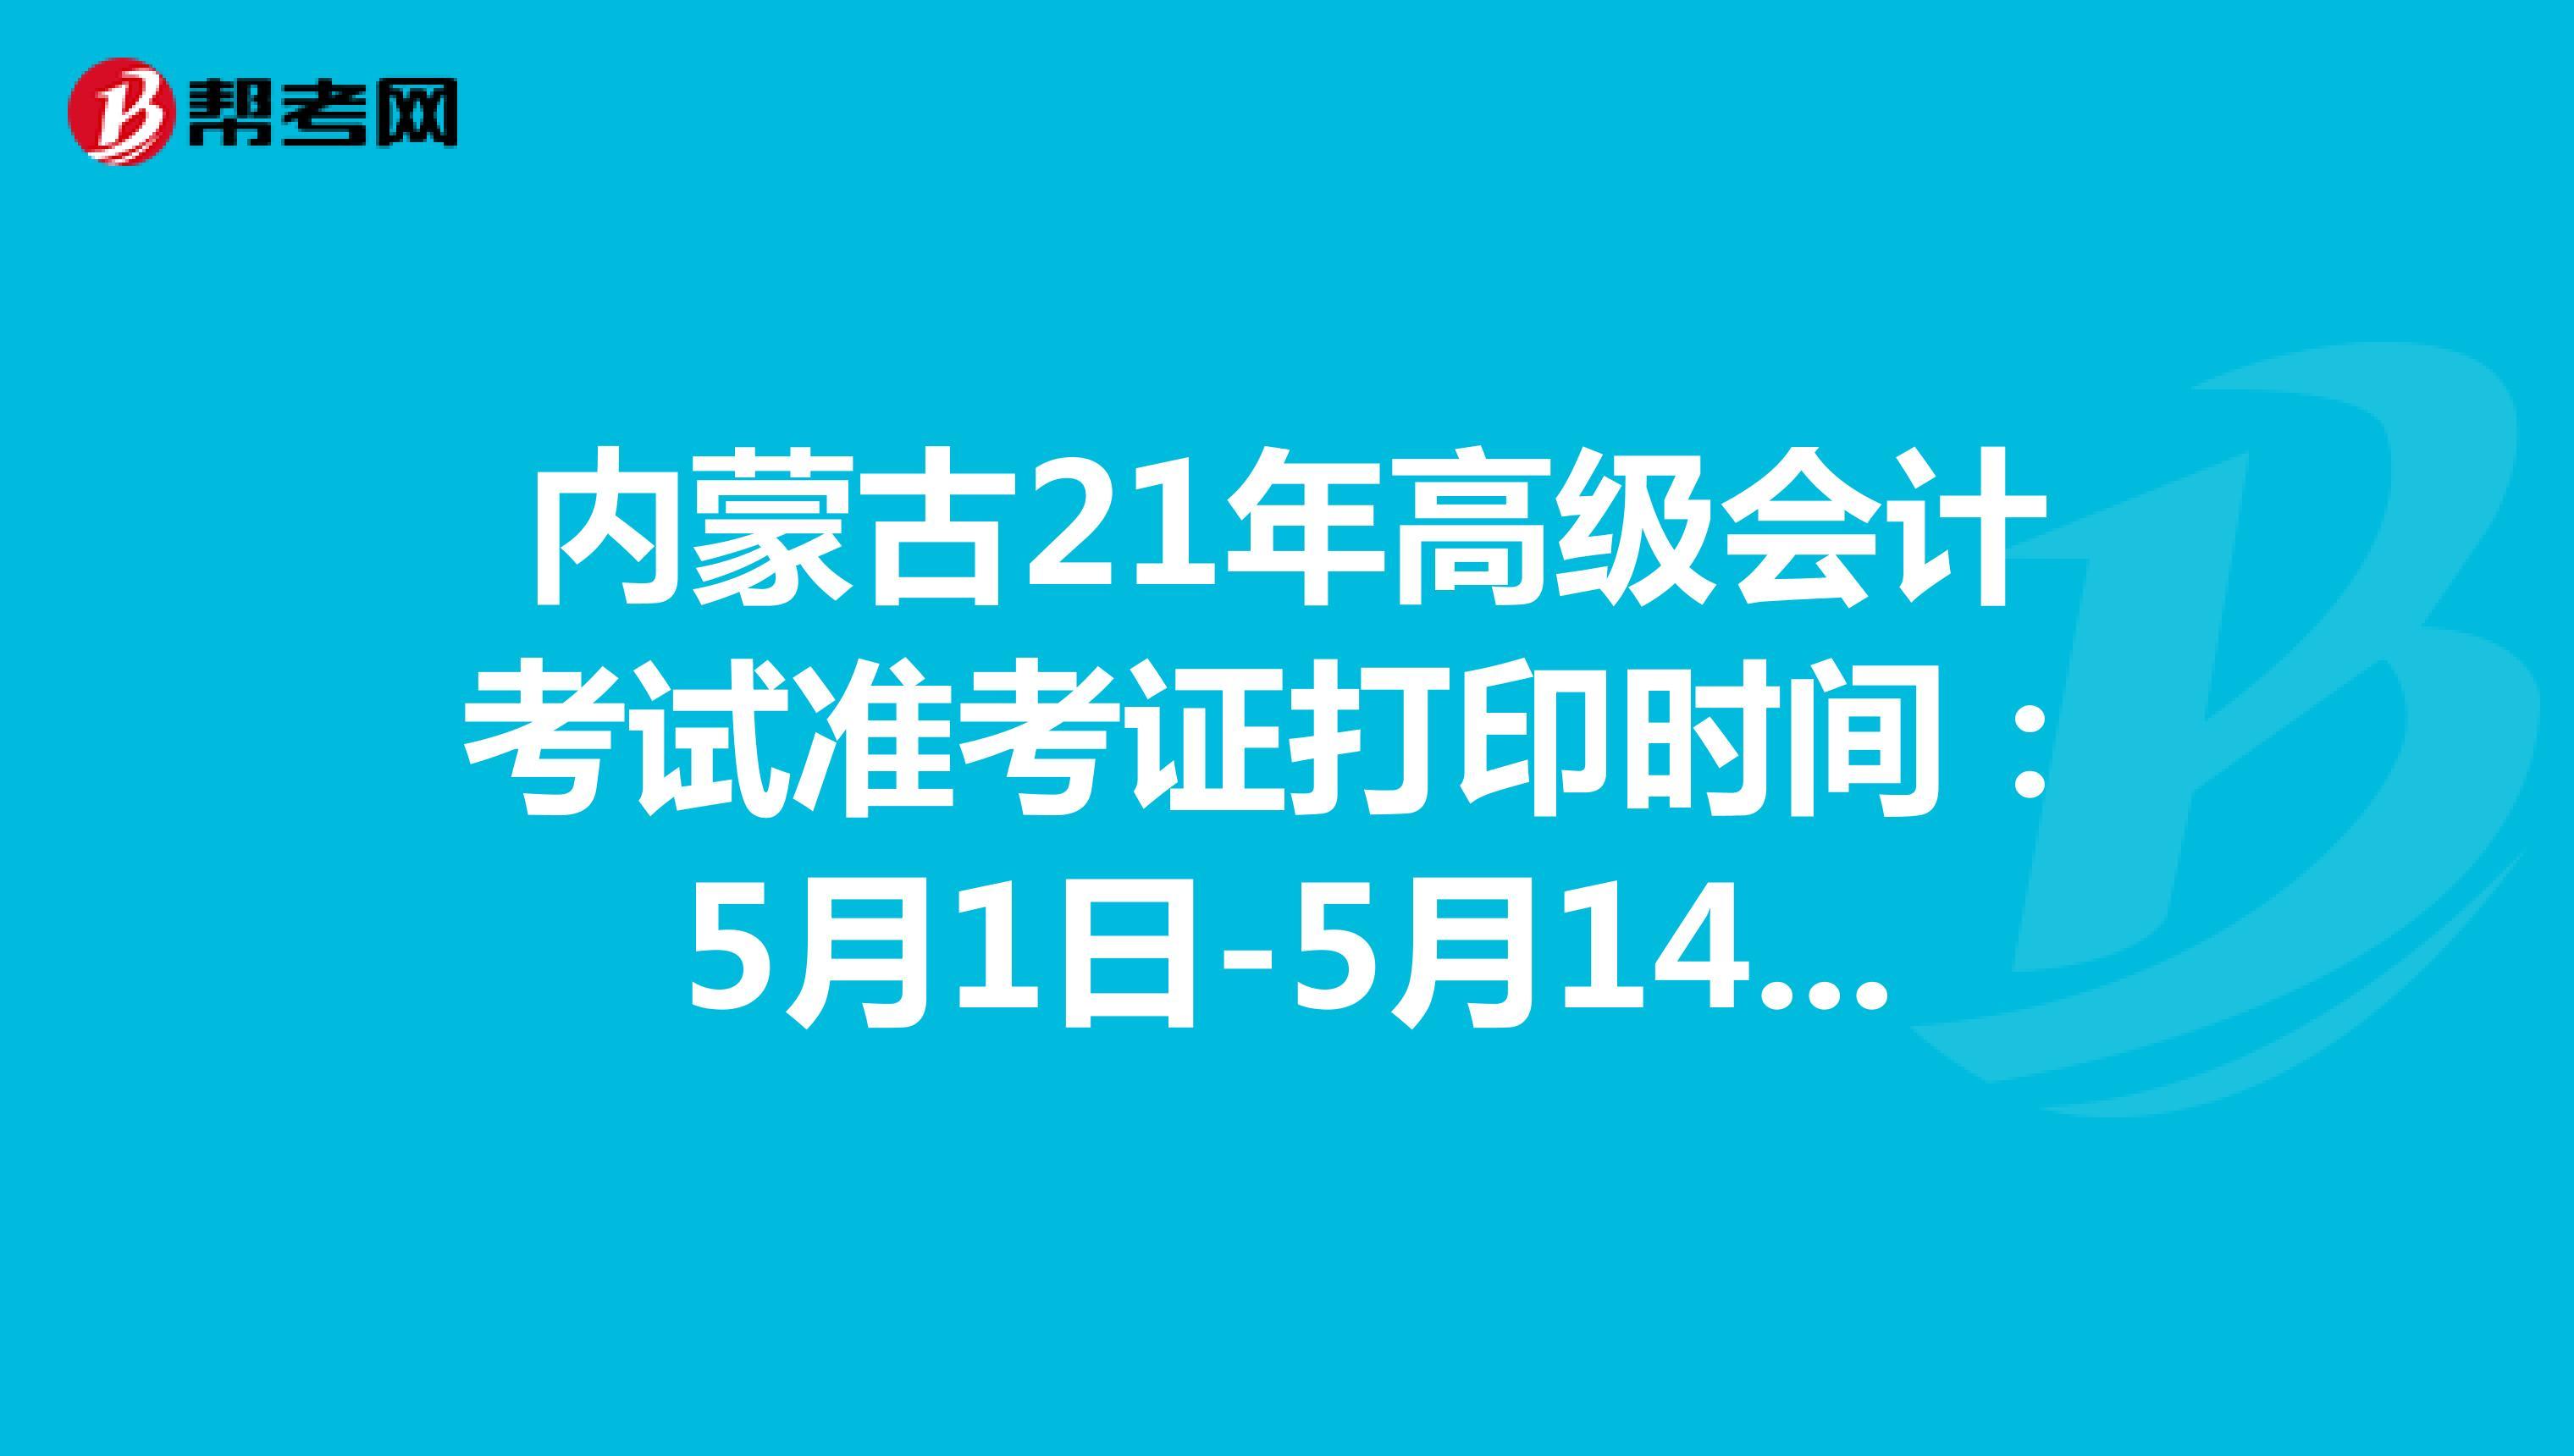 内蒙古21年高级会计考试准考证打印时间:5月1日-5月14日!